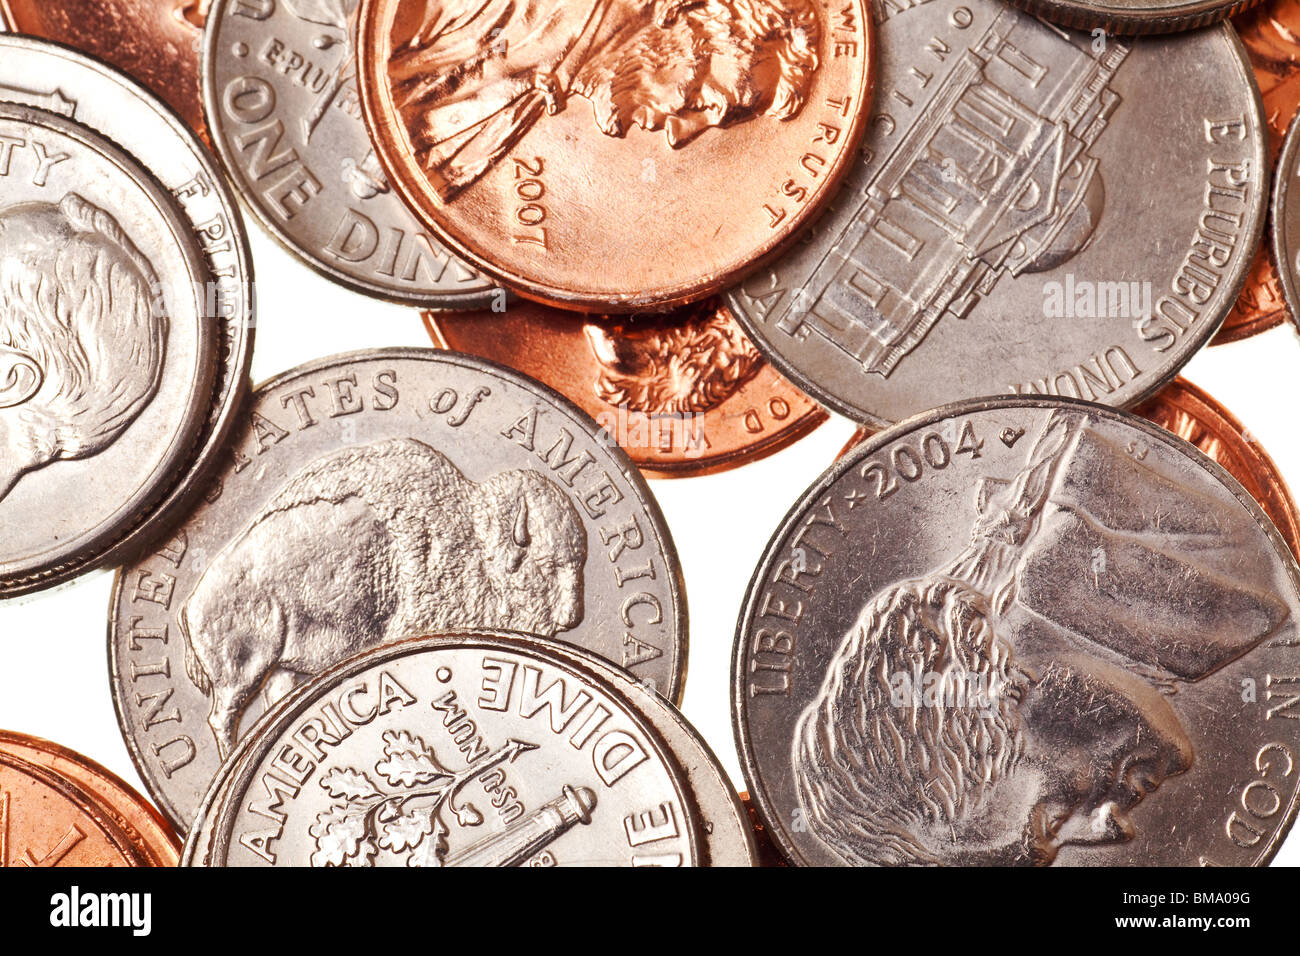 Münzen auf einer rein weißen Hintergrund isoliert Stockbild